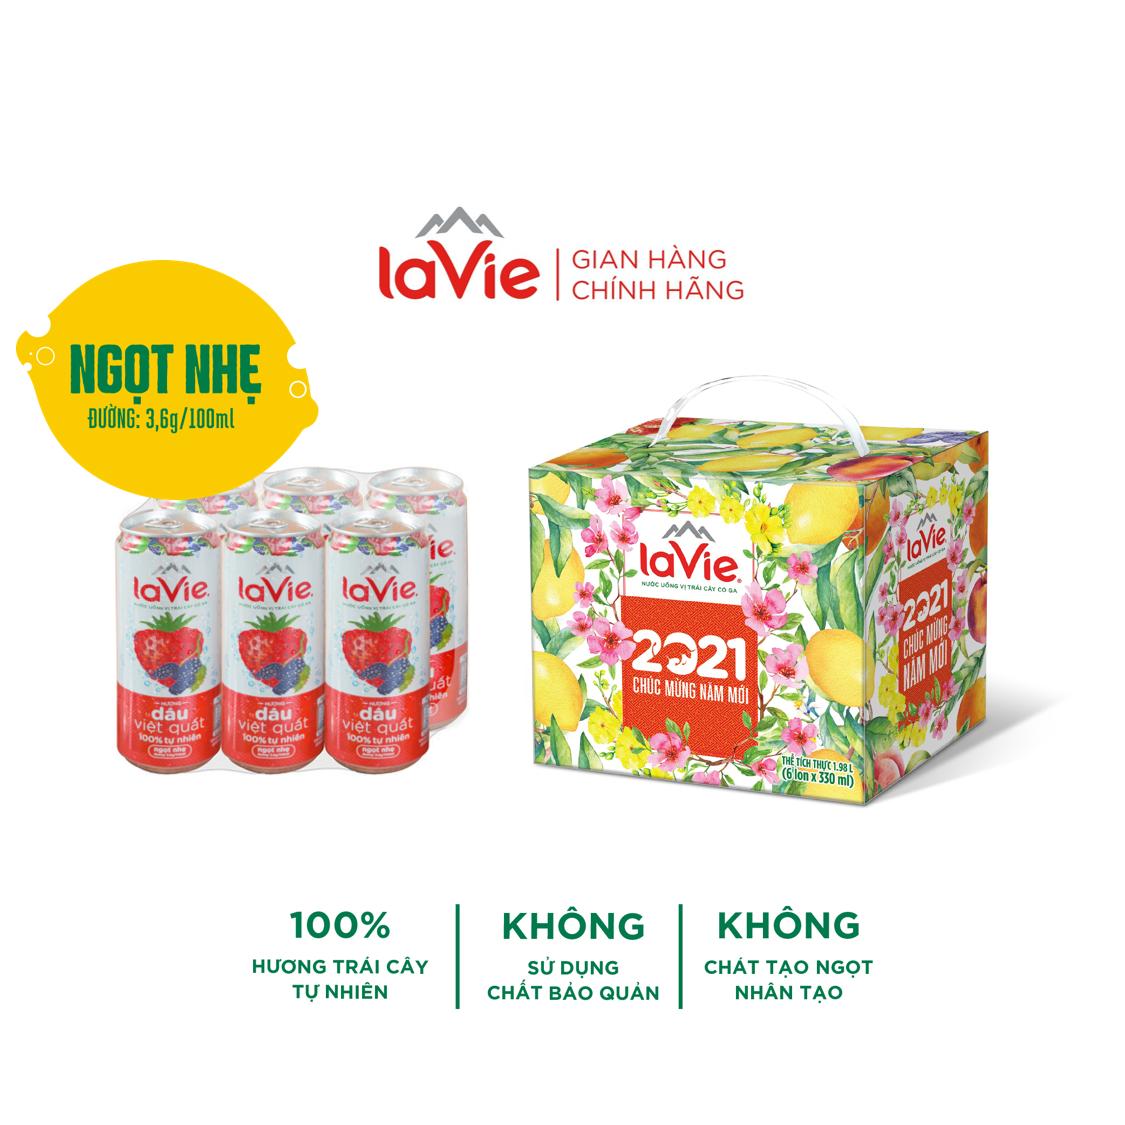 [Freeship Max] [DVQ] Lốc 6 lon Nước uống vị trái cây có ga La Vie Dâu Việt Quất (6 lon x 330ml/lon)